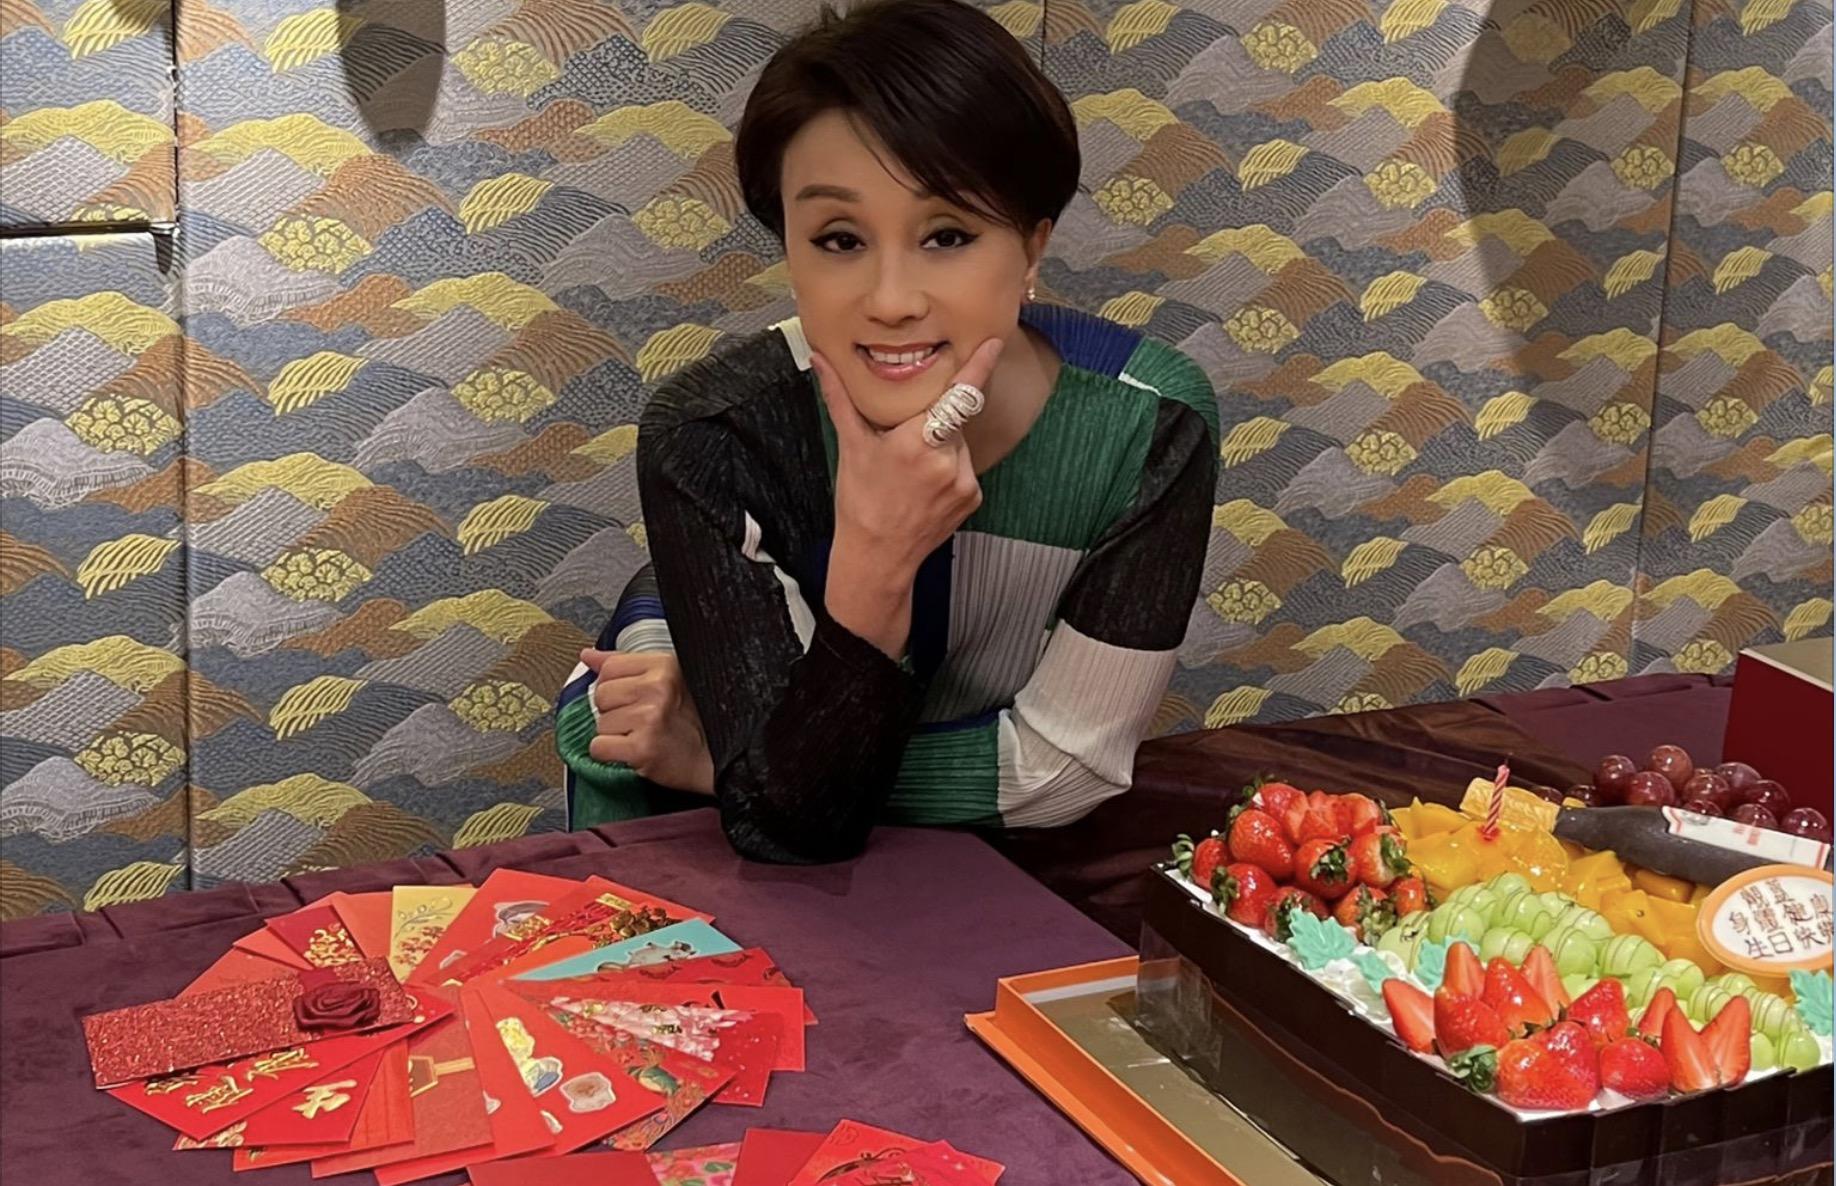 蓋鳴暉生日公布好消息  與冼杞然導演合作新劇目《鄭和》